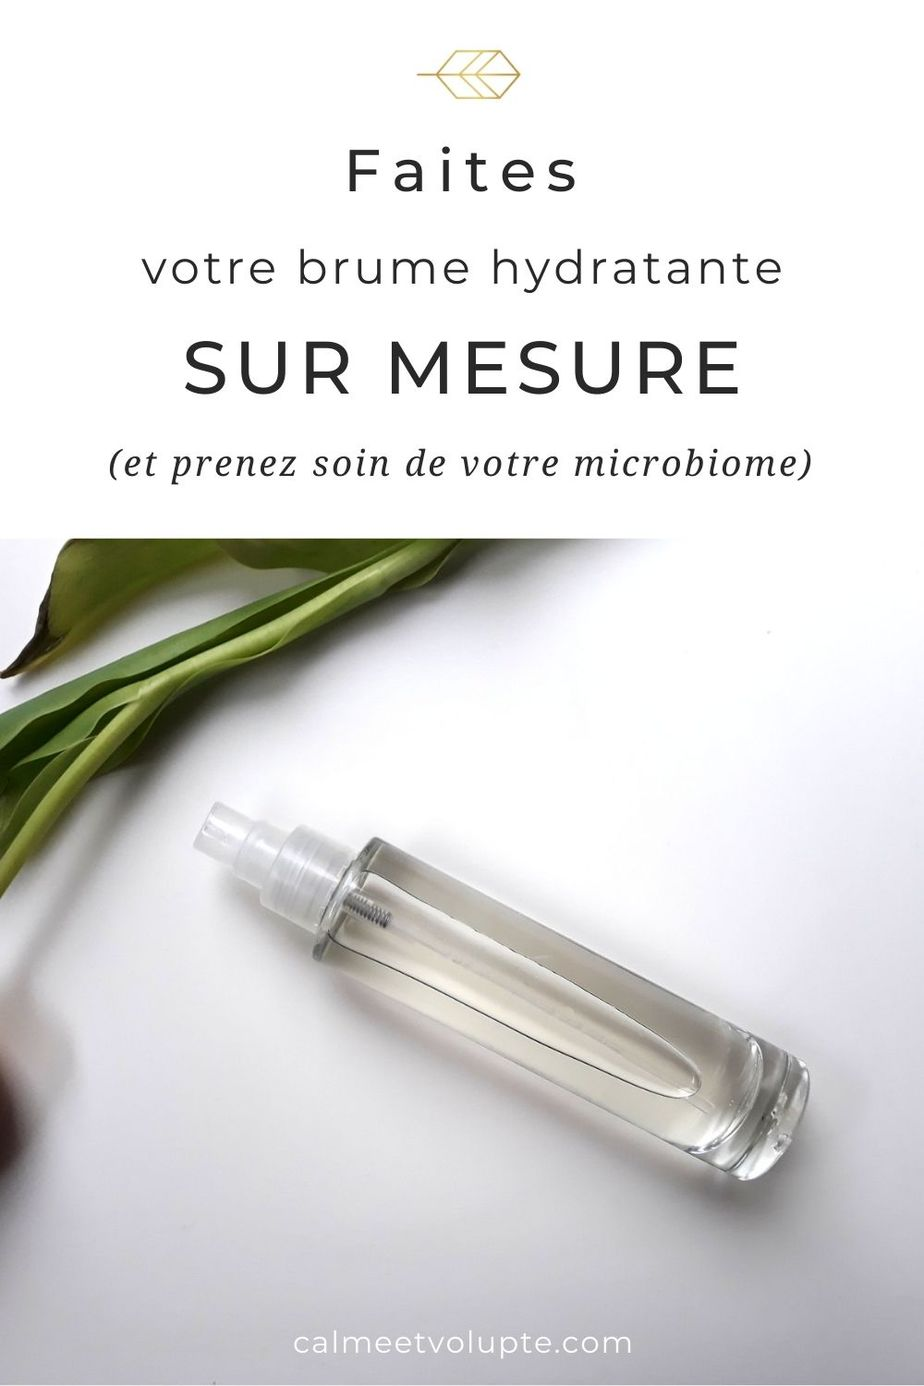 brume hydratante maison aux prébiotiques